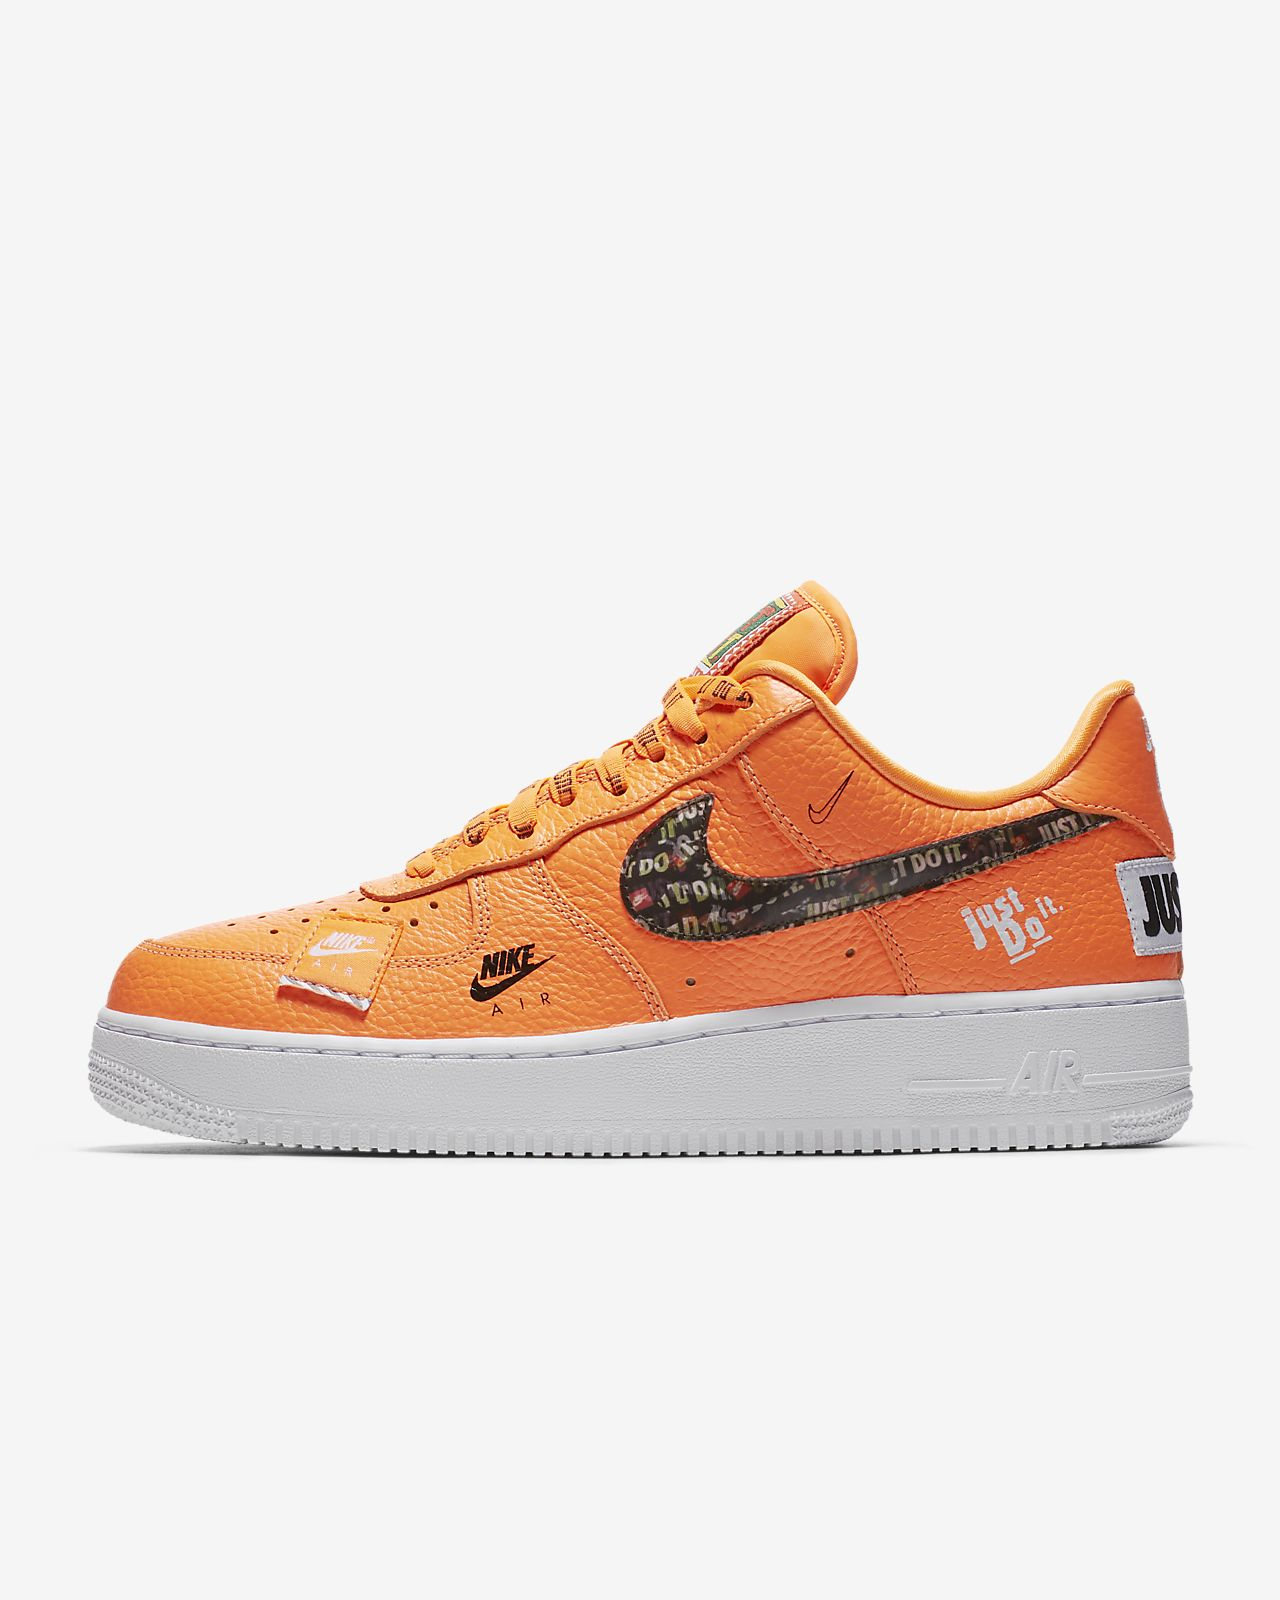 Nike Air Force 1 '07 Premium JDI Men's Shoe